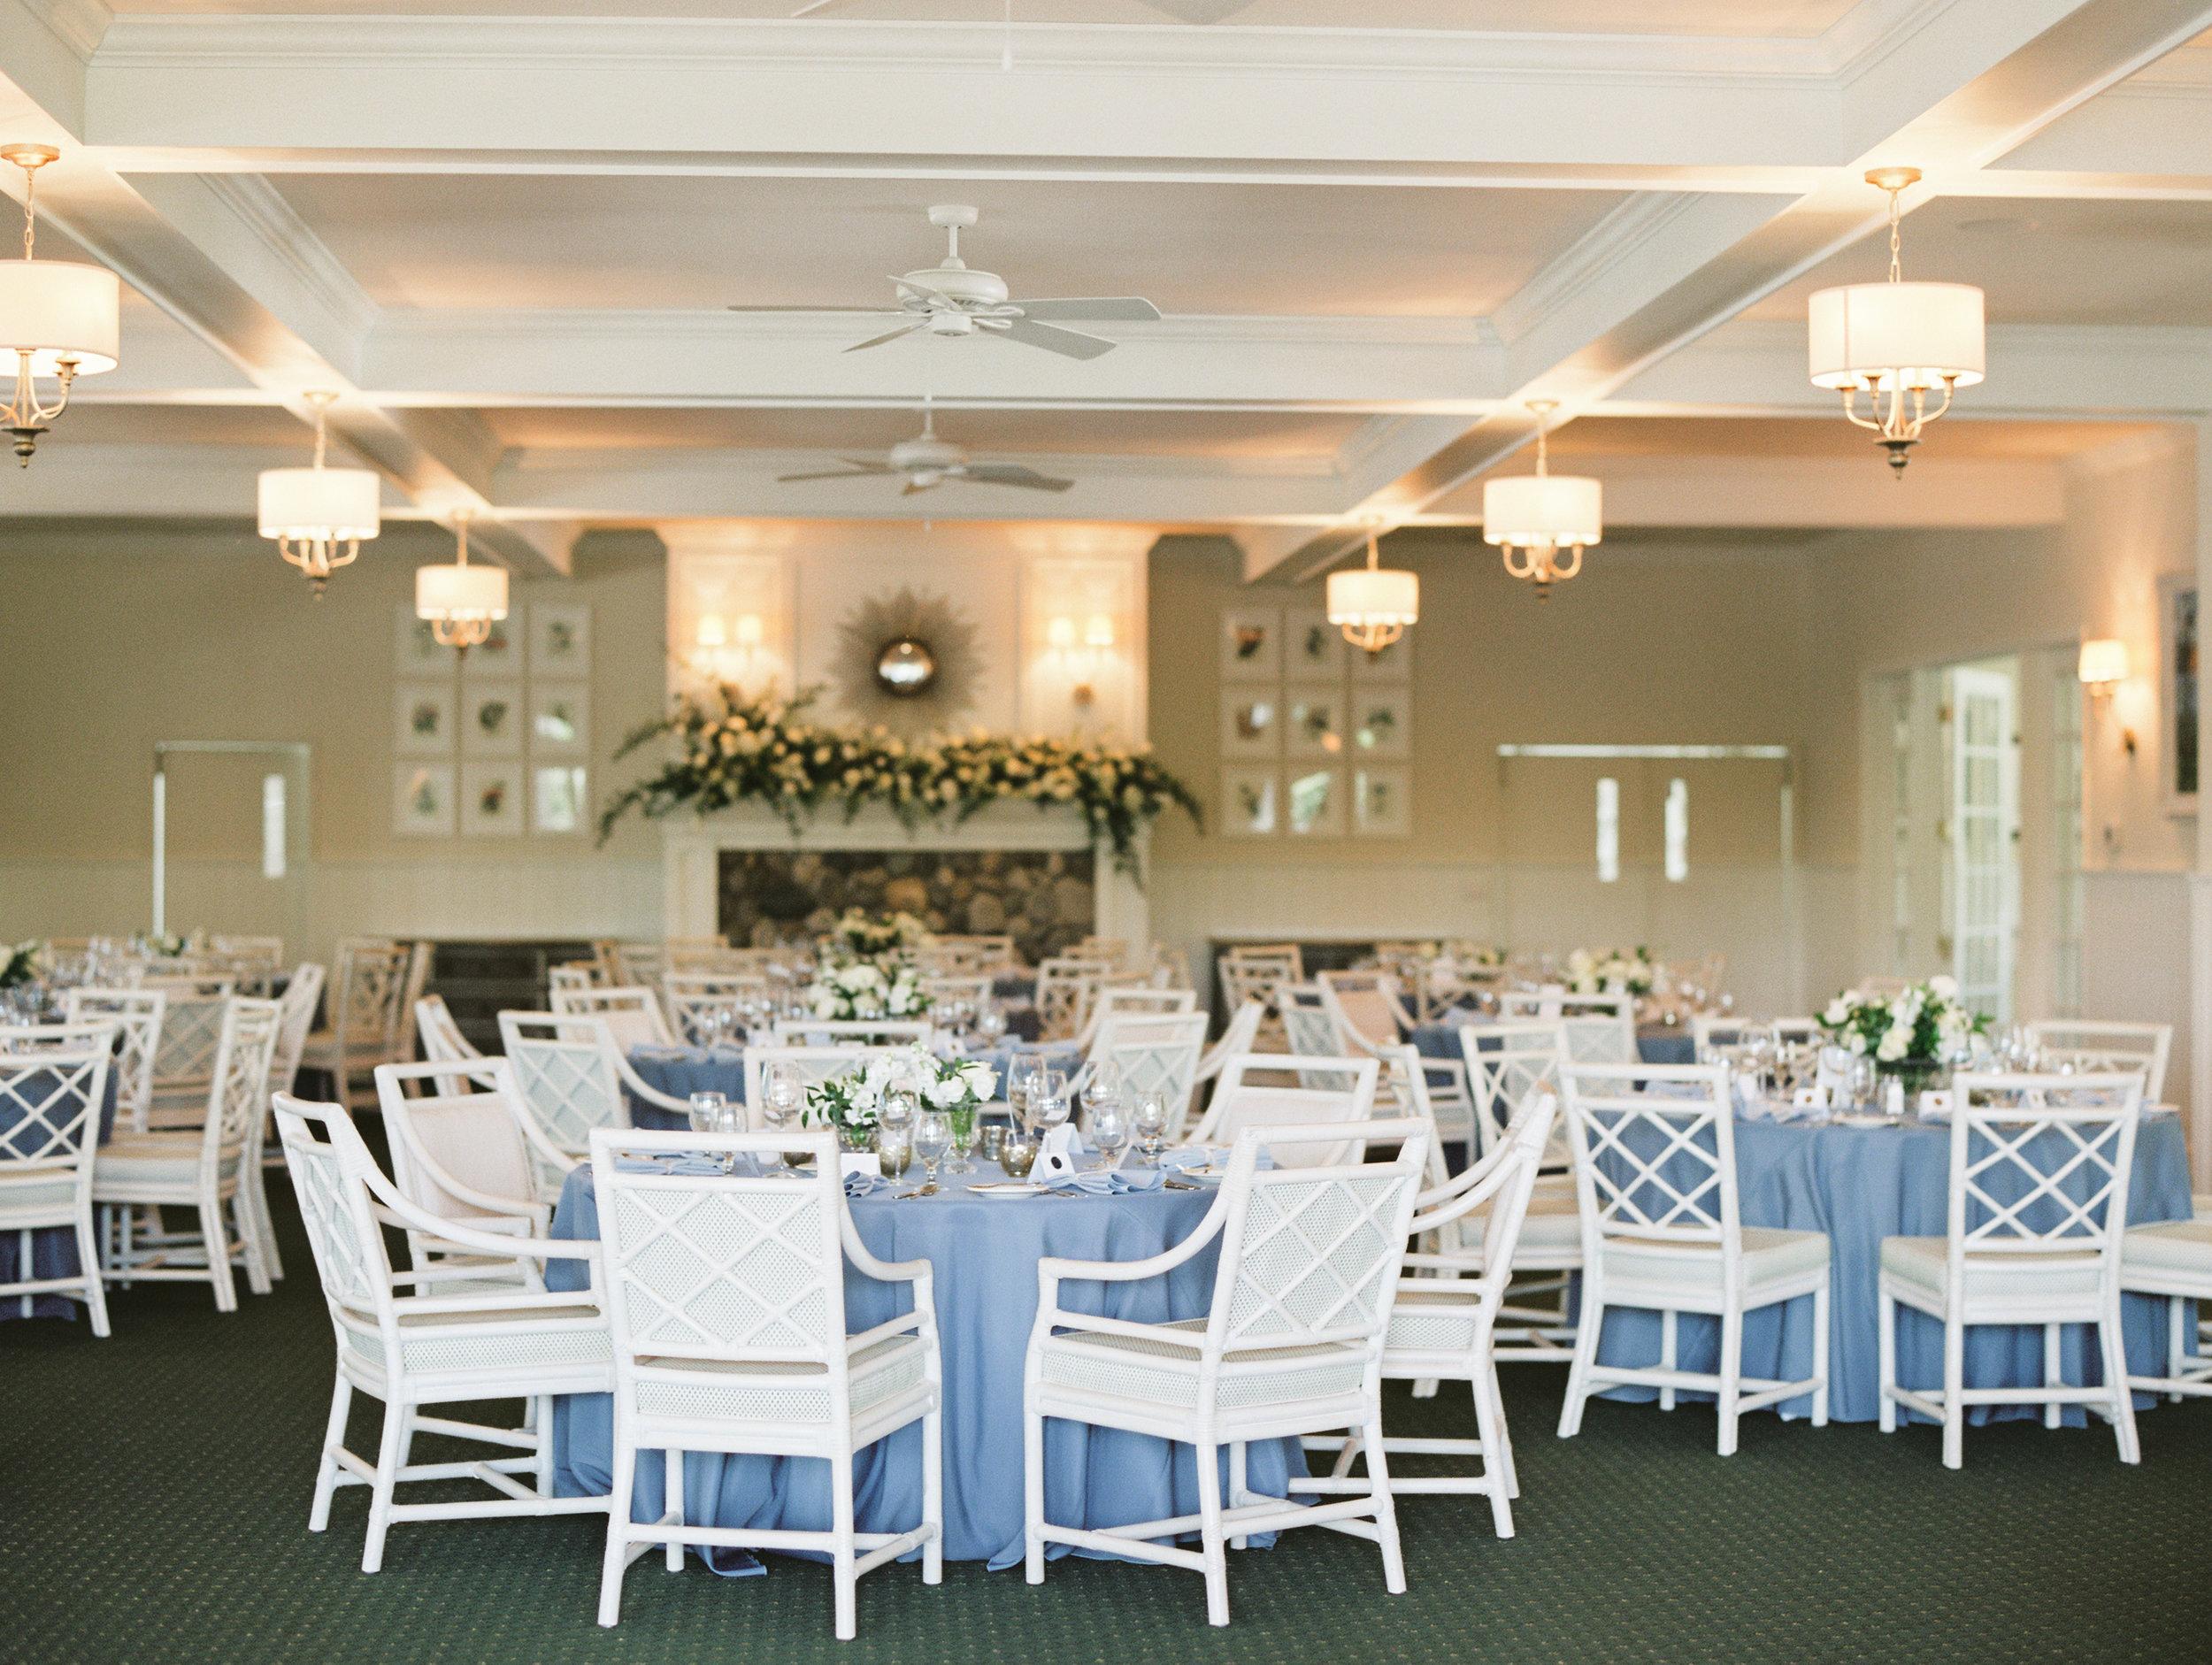 DeGuilio+Wedding+Reception+Detailsf-3.jpg